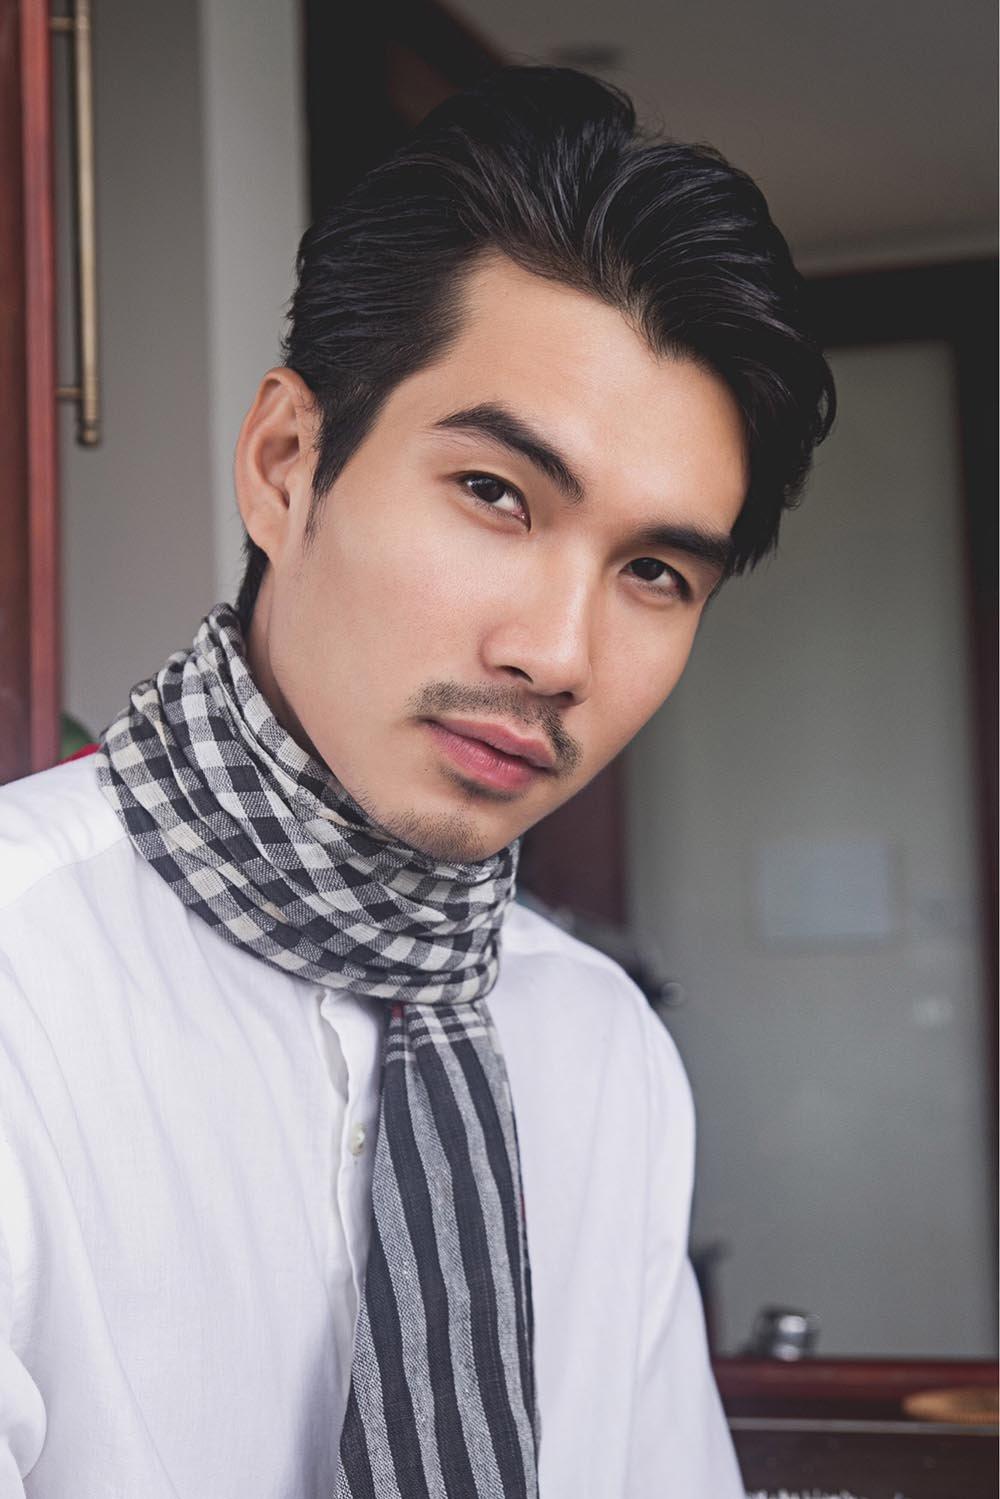 Dieu gi giup A vuong Trinh Xuan Nhan gay an tuong voi khan gia? hinh anh 1